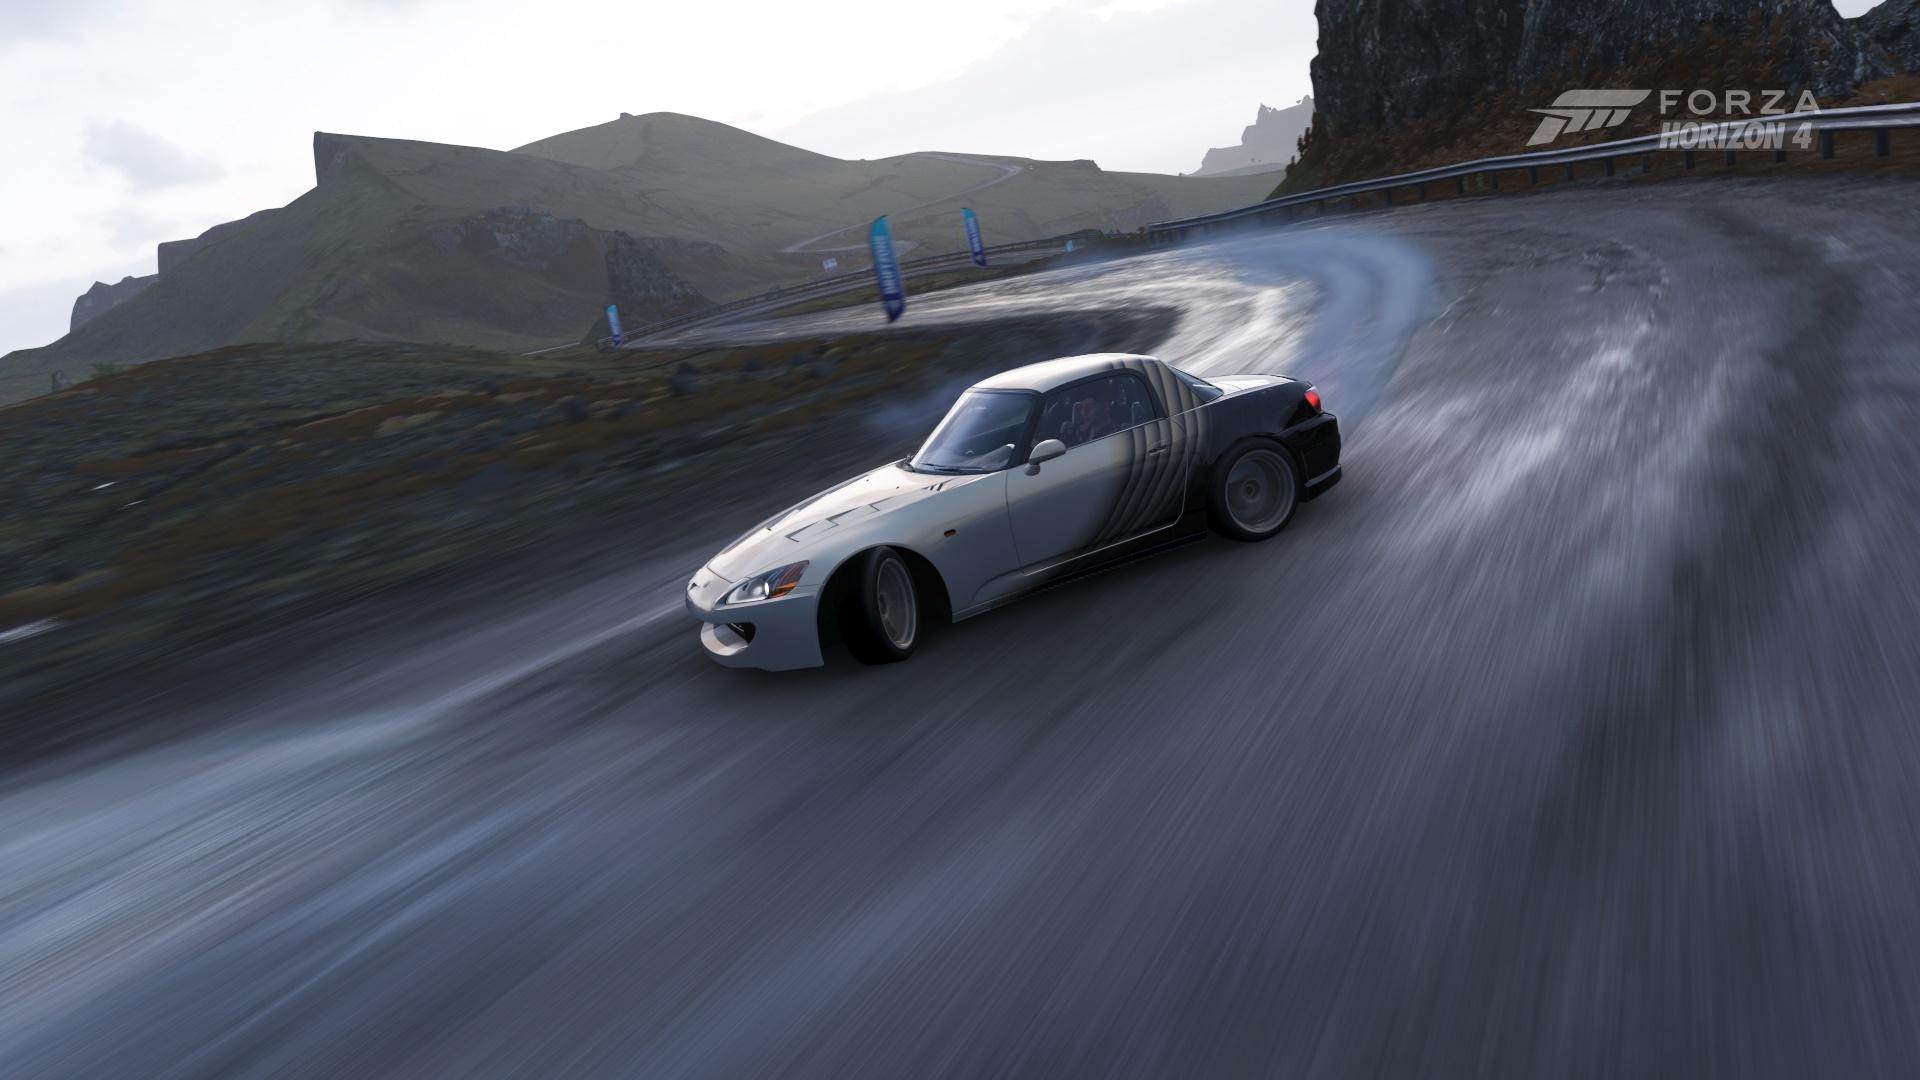 Forвыпывza.jpg - Forza Horizon 4